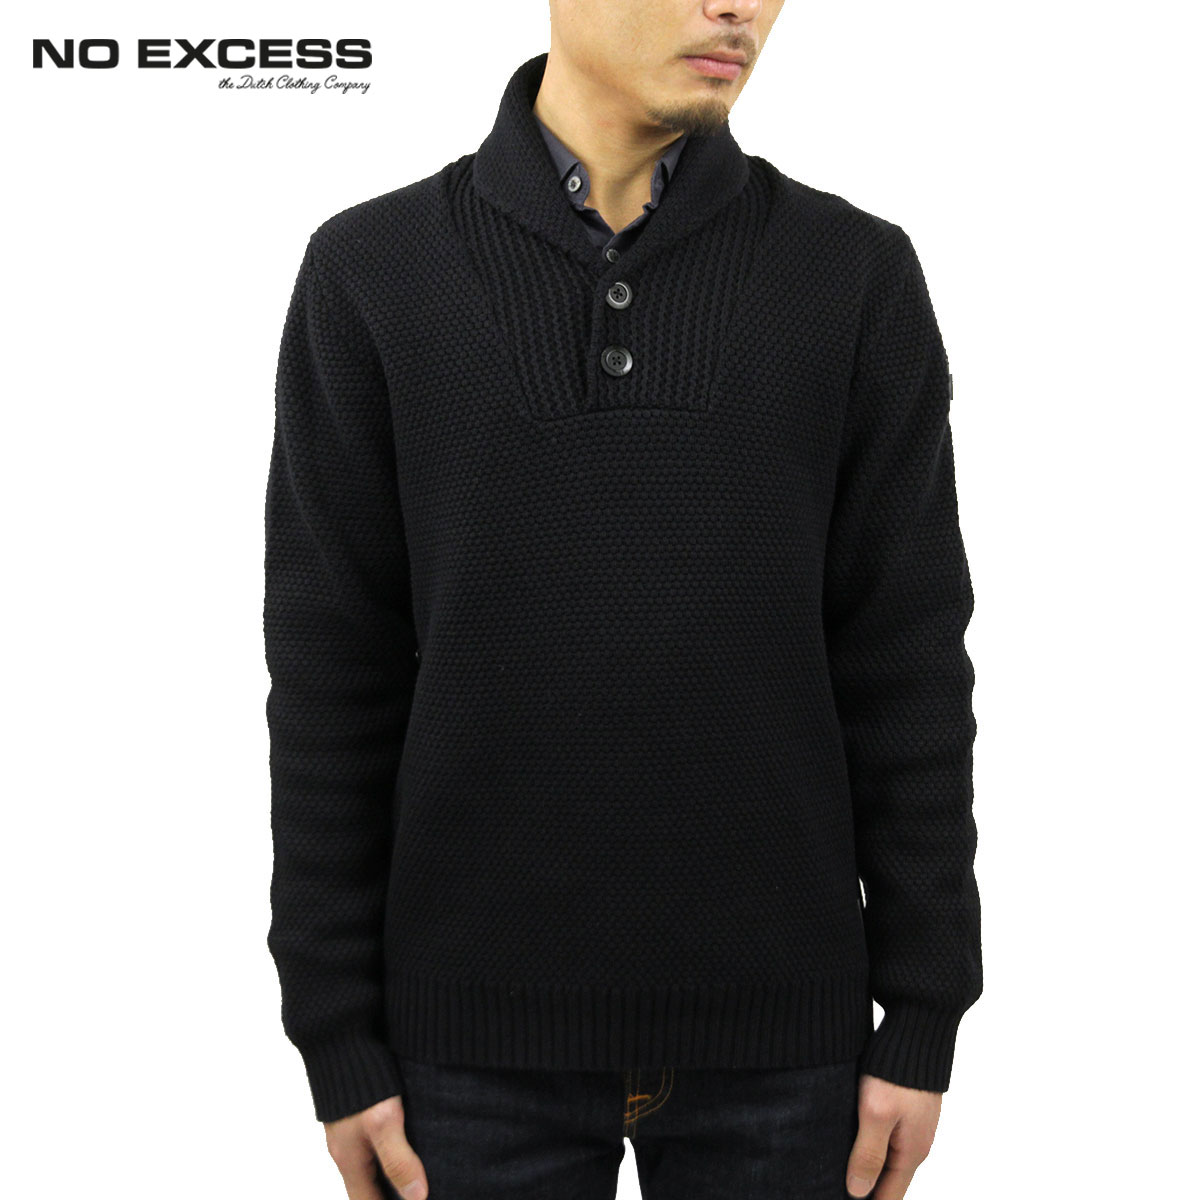 ノーエクセス NO EXCESS 正規販売店 メンズ セーター PULLOVER SHAWL COLLAR SWEATER 230845 20 black D15S25